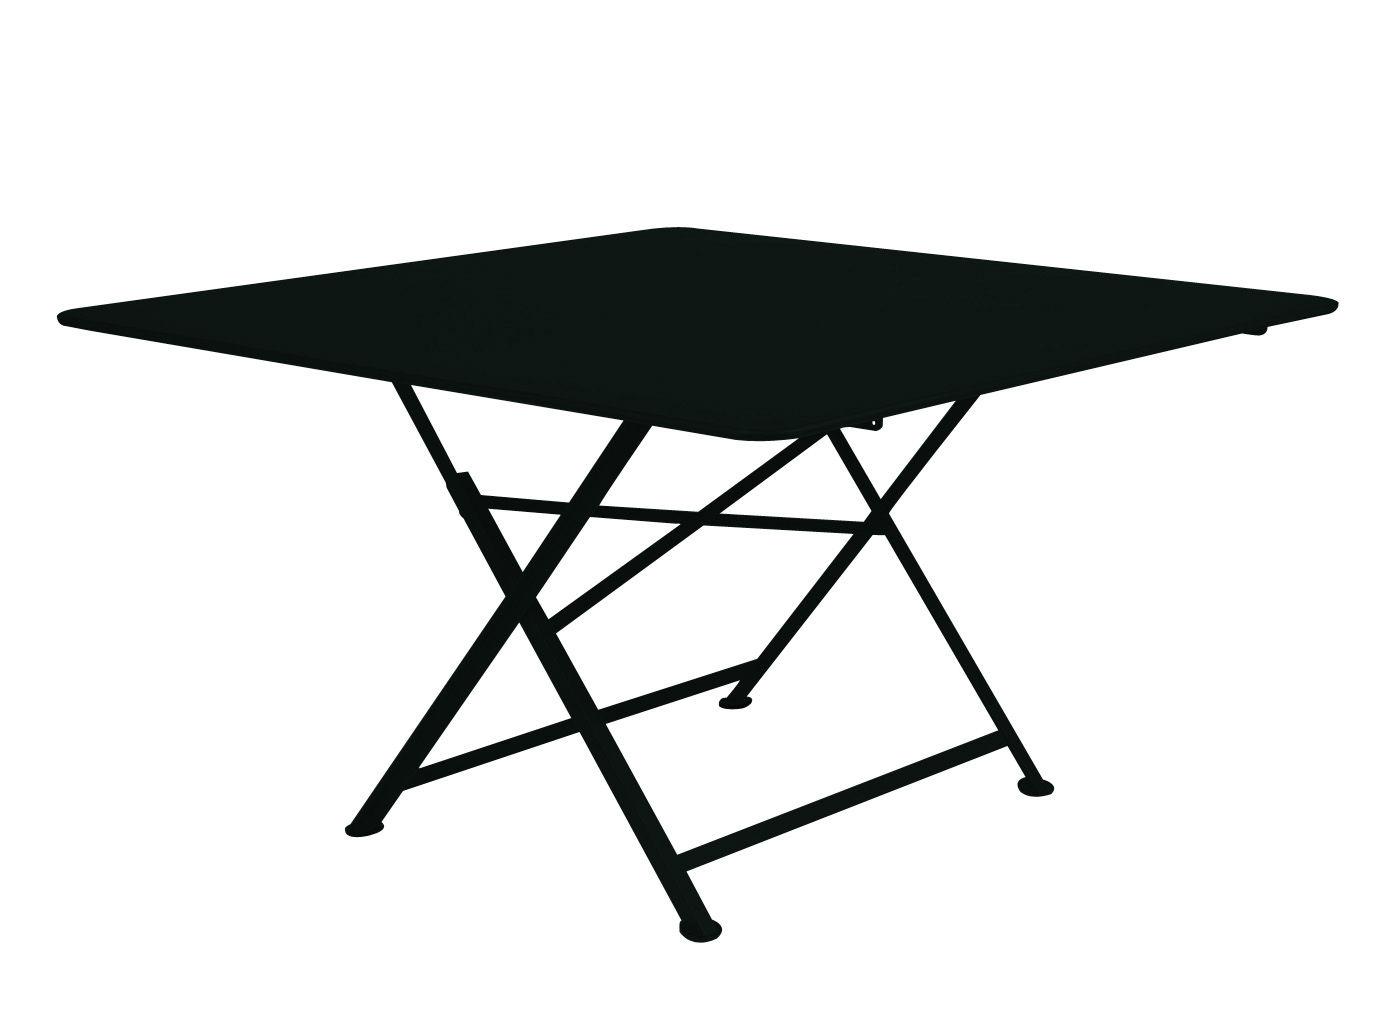 Outdoor - Tische - Cargo Klapptisch - Fermob - Lakritz - lackierter Stahl